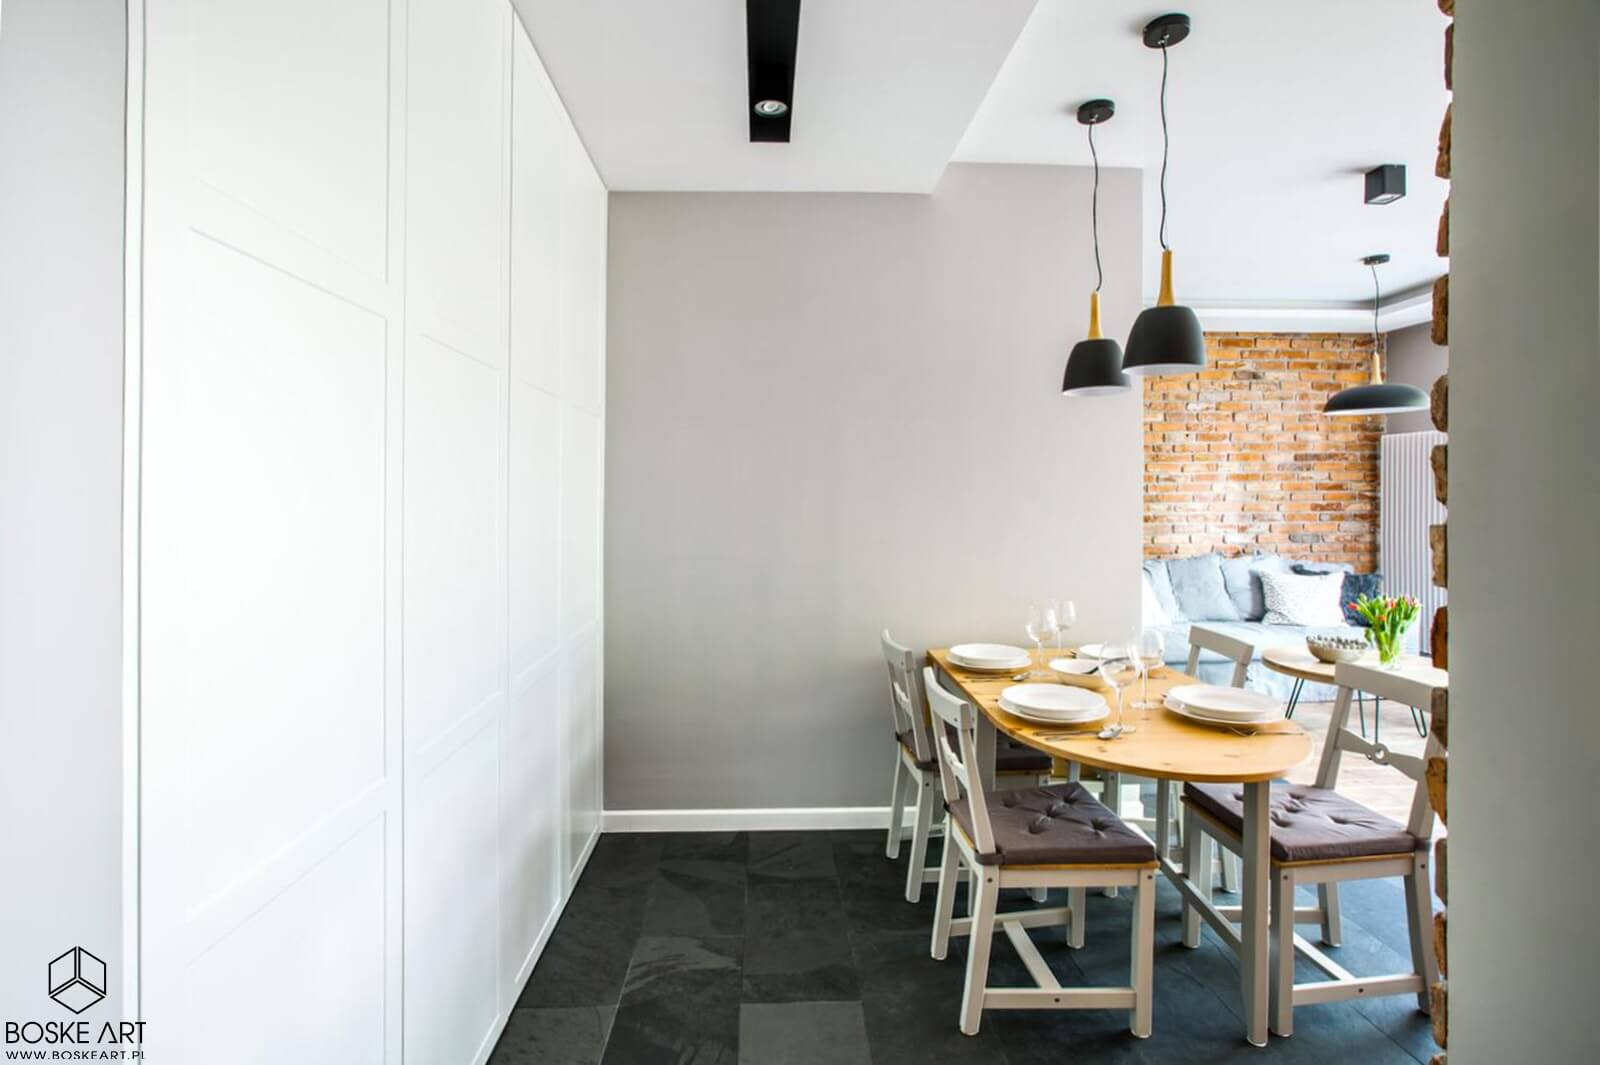 3_apartamenty_poznan_boske_art_projektowanie_aranzacja_architektura_wnetrz_natalia_robaszkeiwicz-min